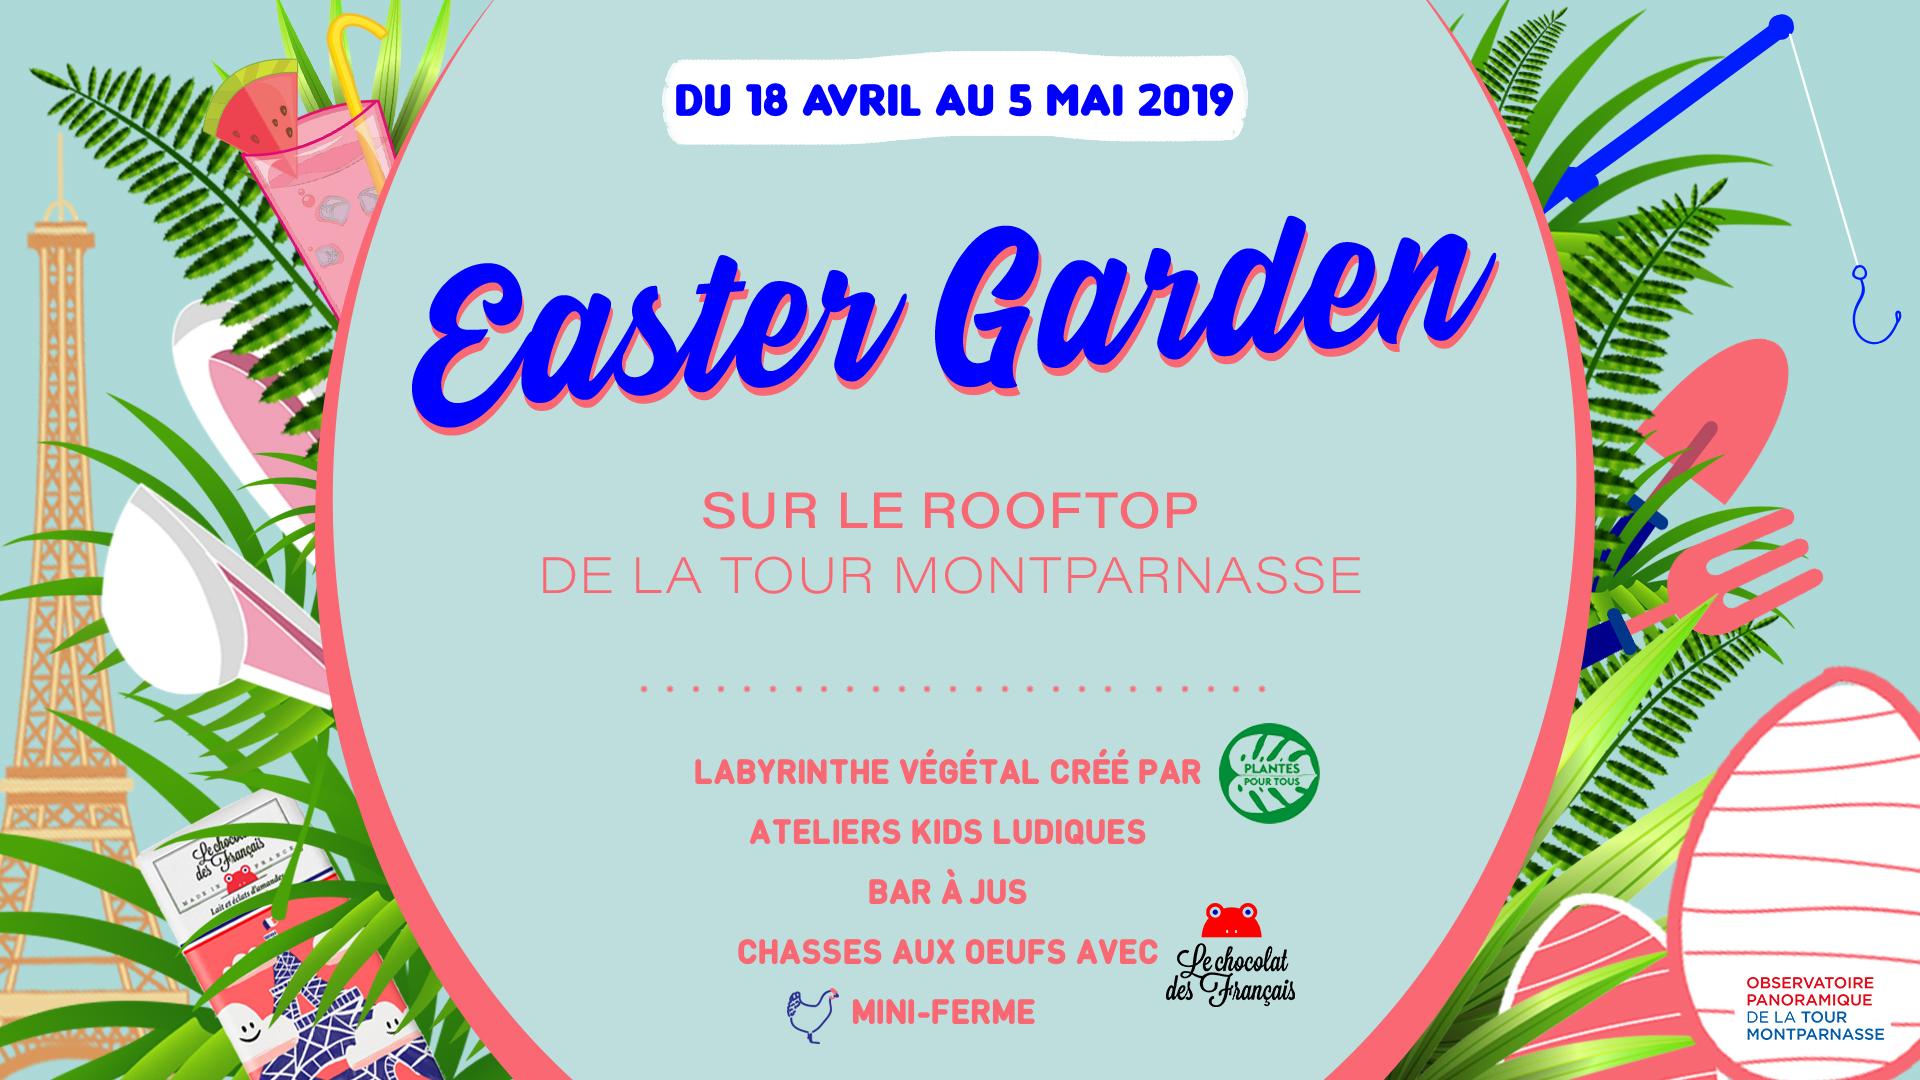 Easter Garden, le rooftop végétal éphémère de la Tour Montparnasse